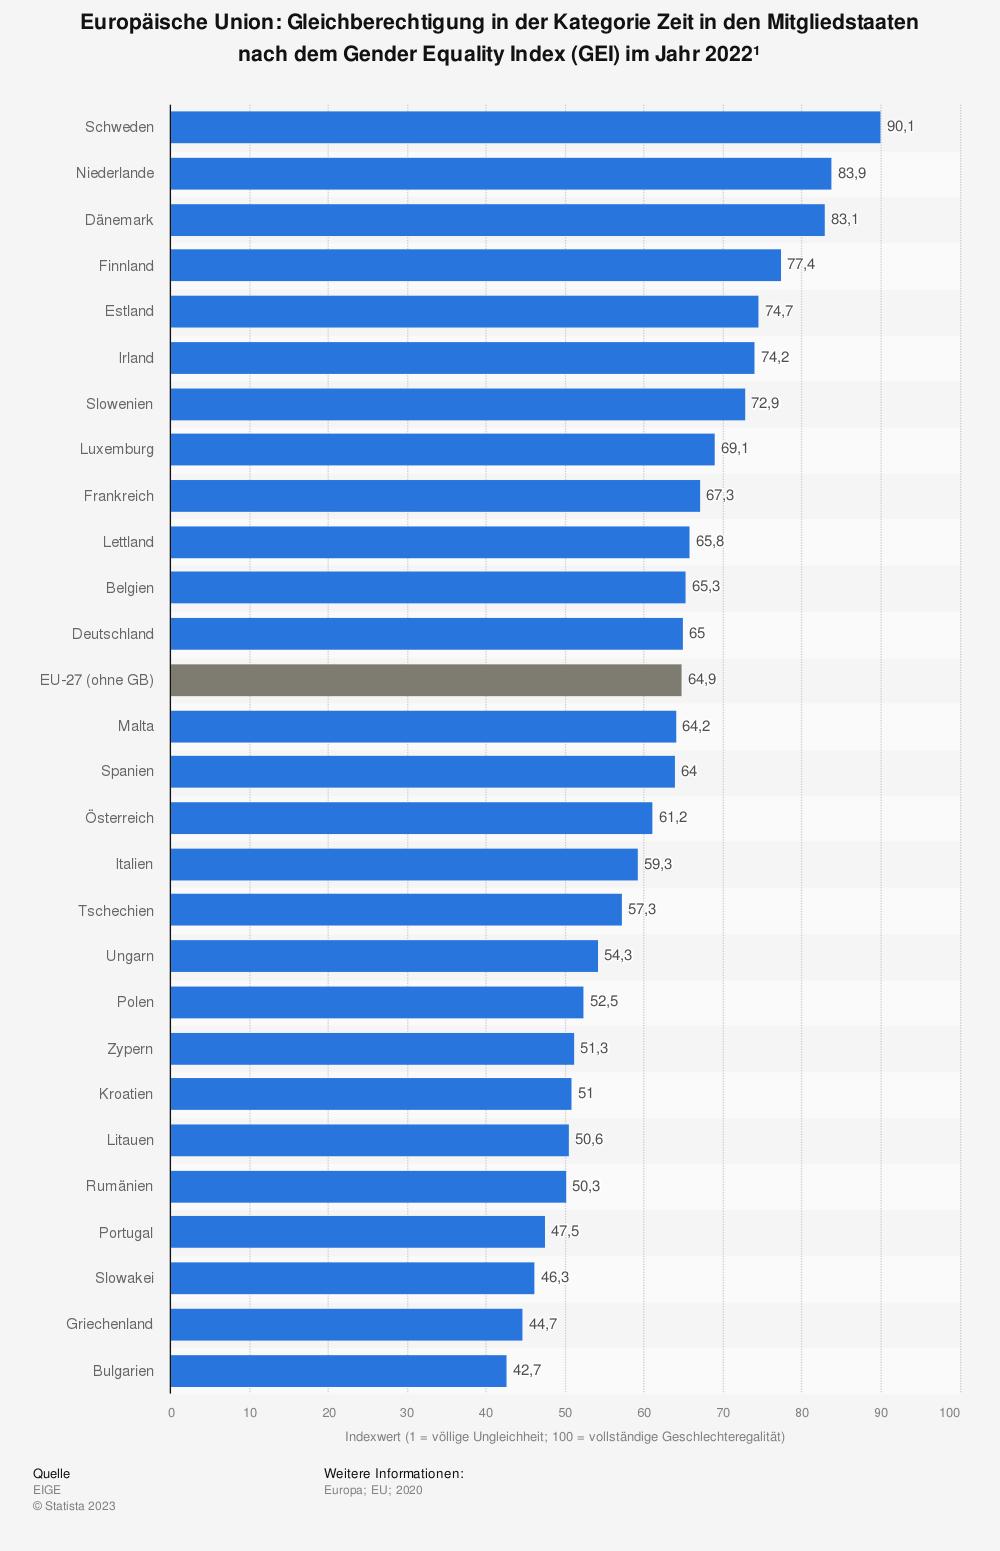 Statistik: Europäische Union: Gleichberechtigung in der Kategorie Zeit in den Mitgliedsstaaten nach dem Gender Equality Index (GEI) im Jahr 2015 | Statista